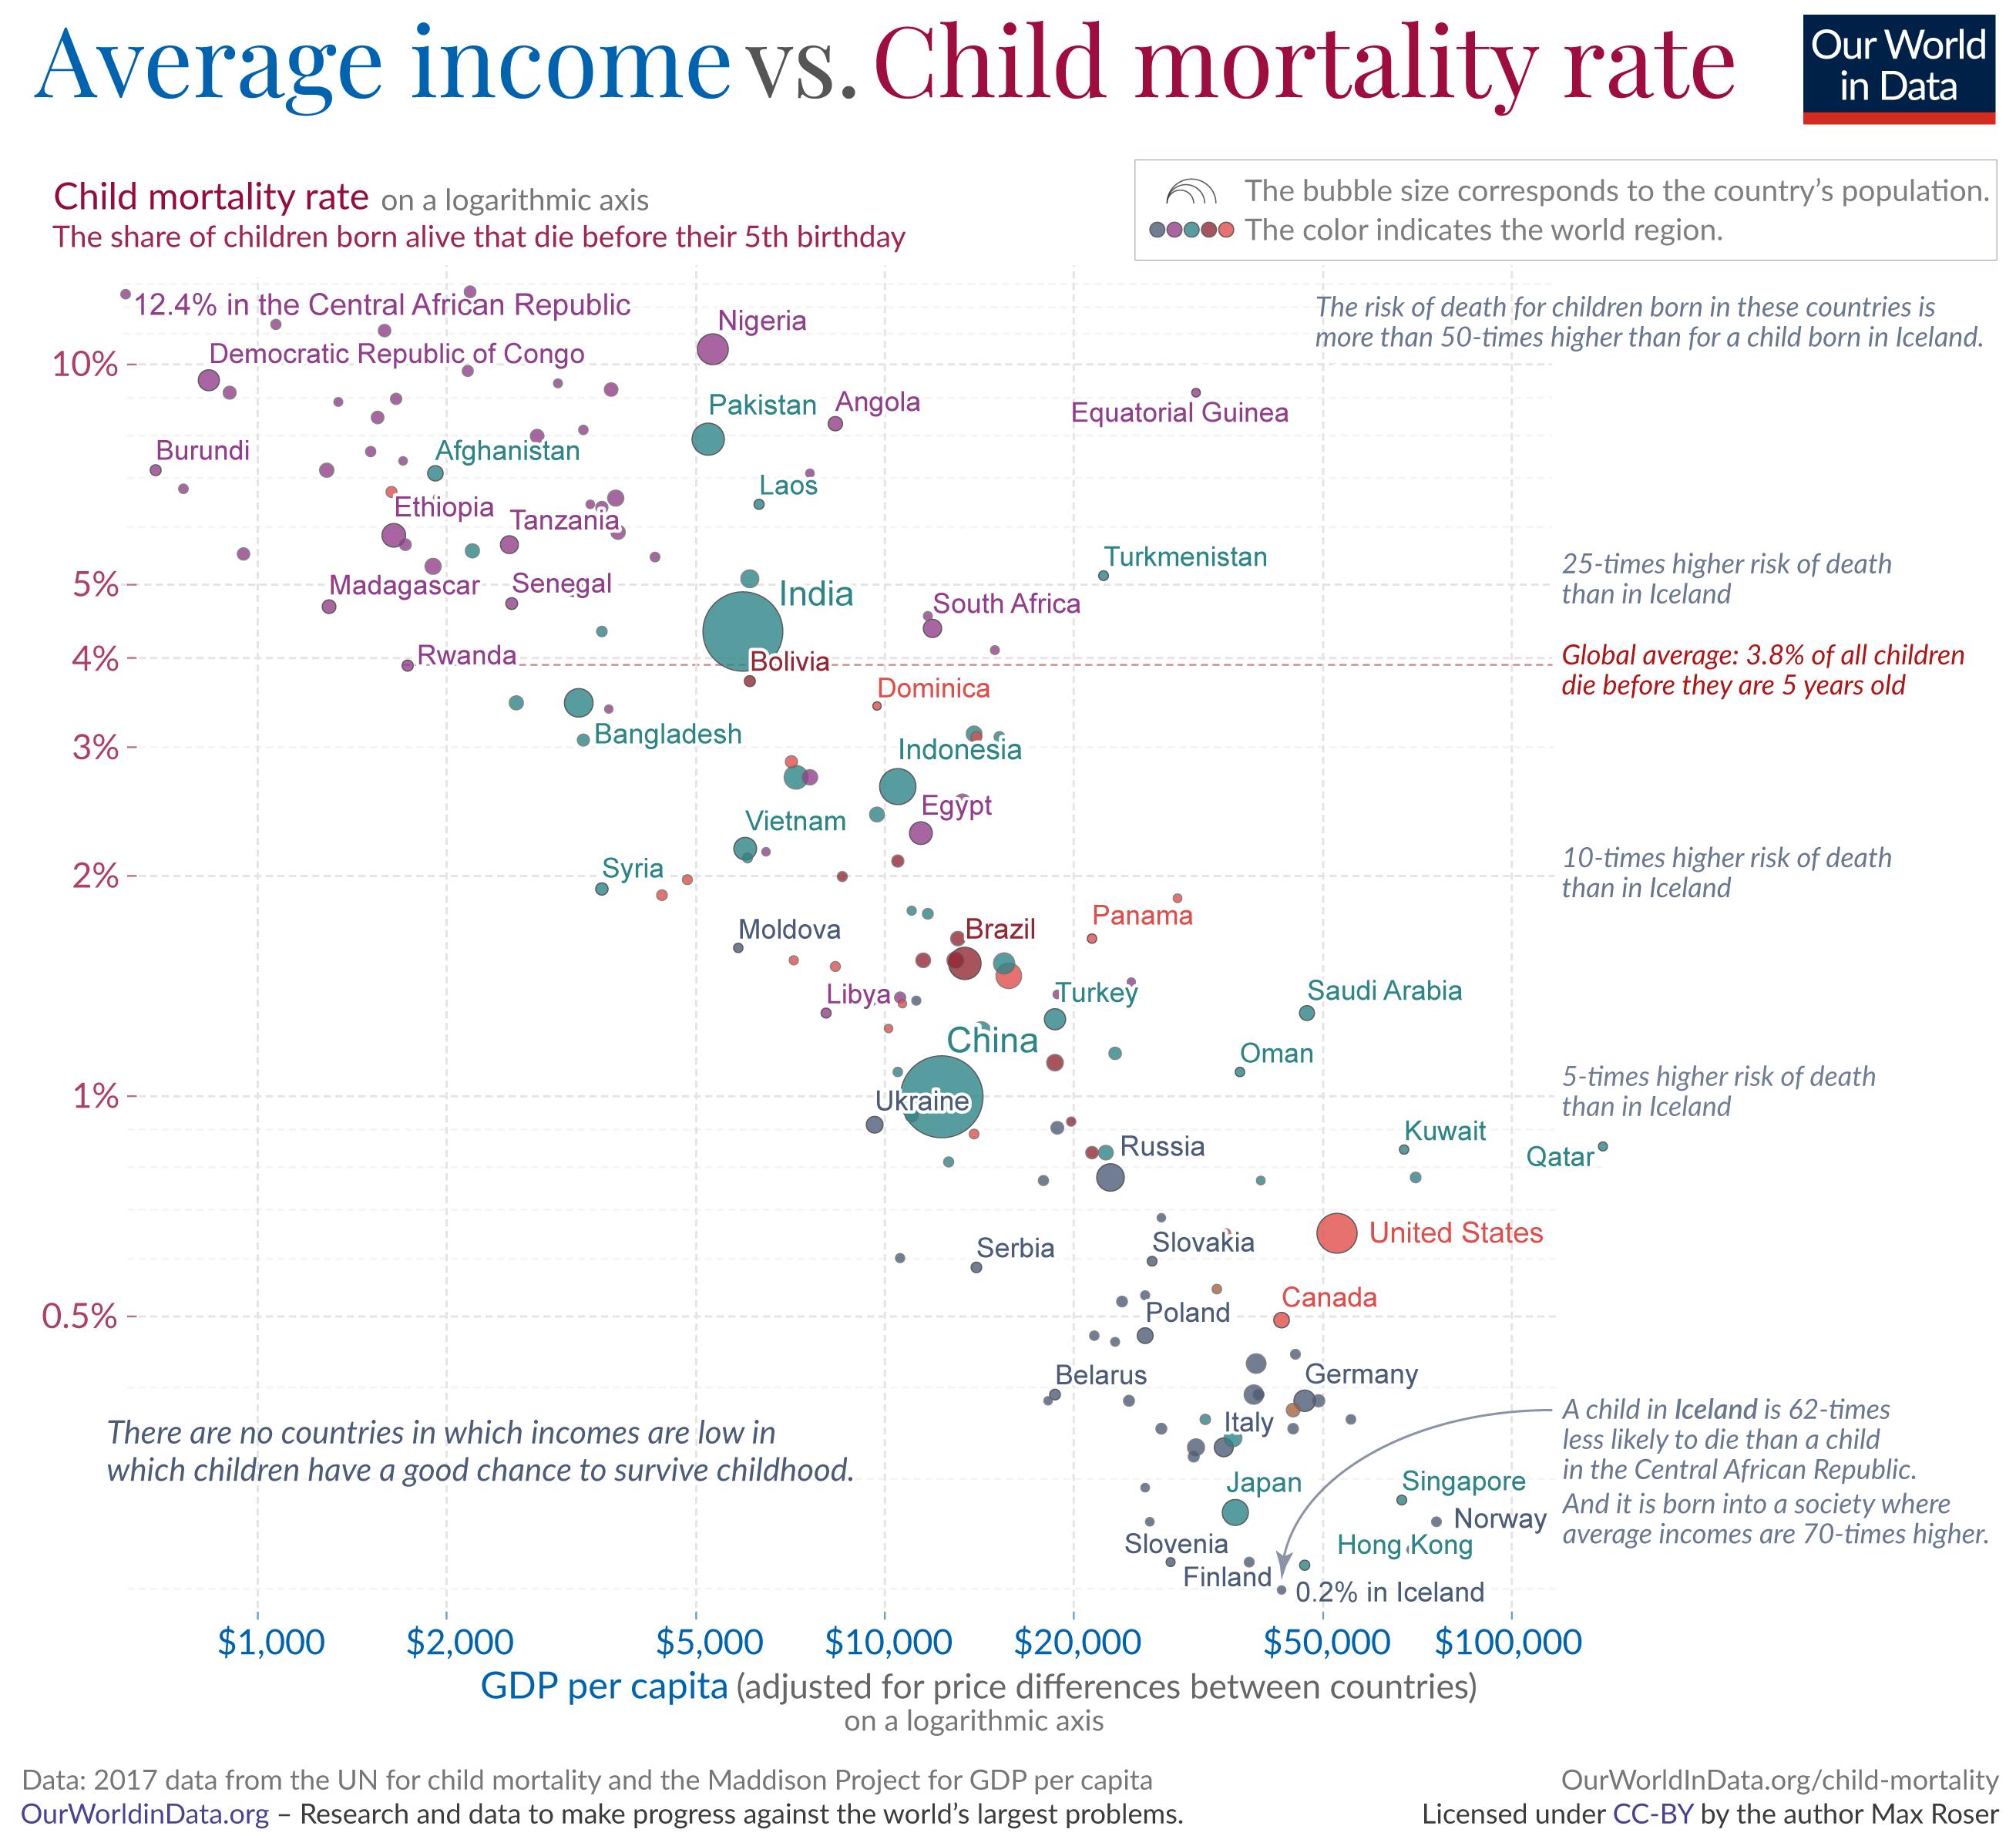 Child mortality gdp per capita